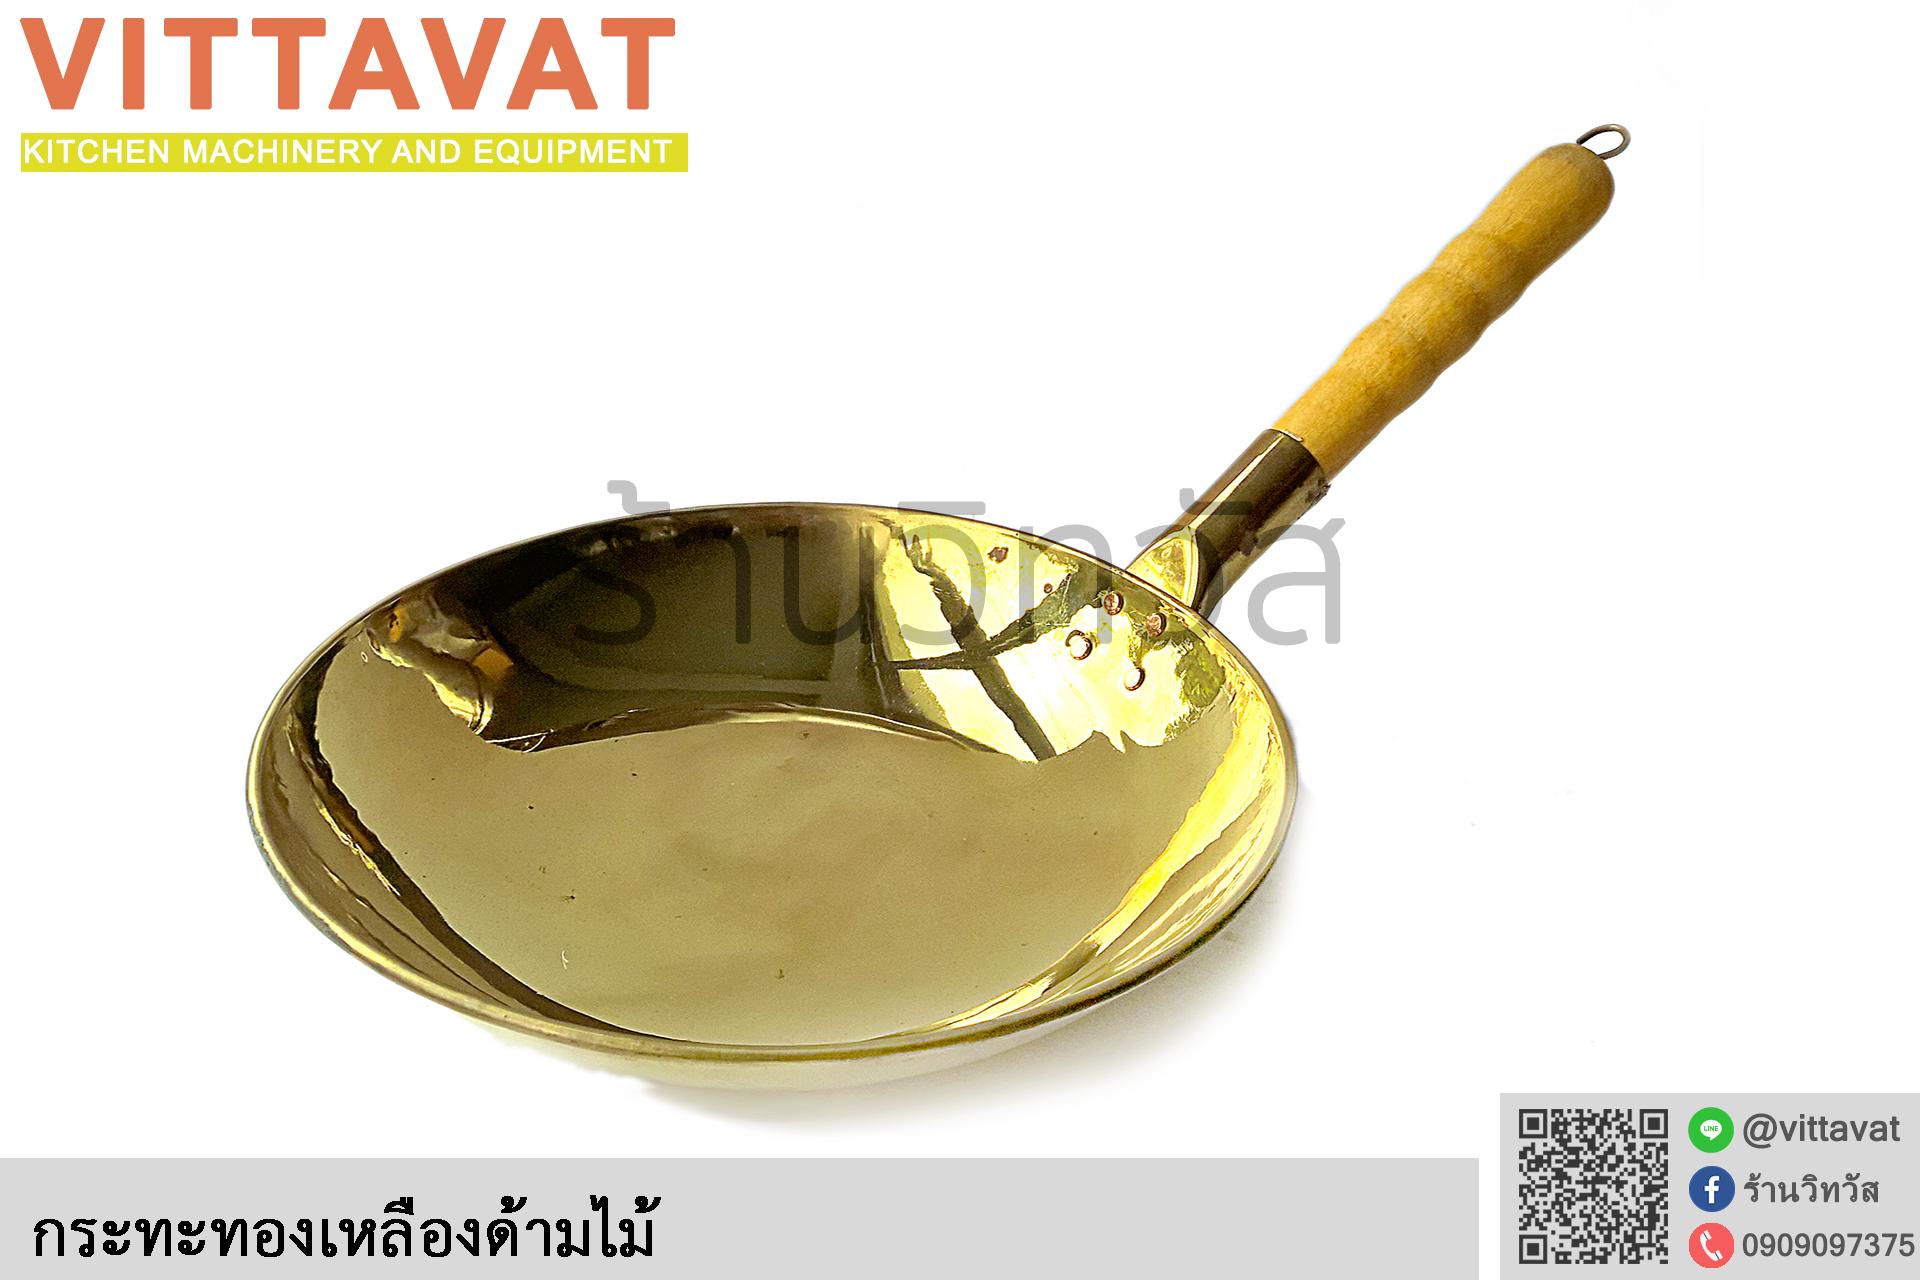 กระทะทองเหลือง ด้ามไม้